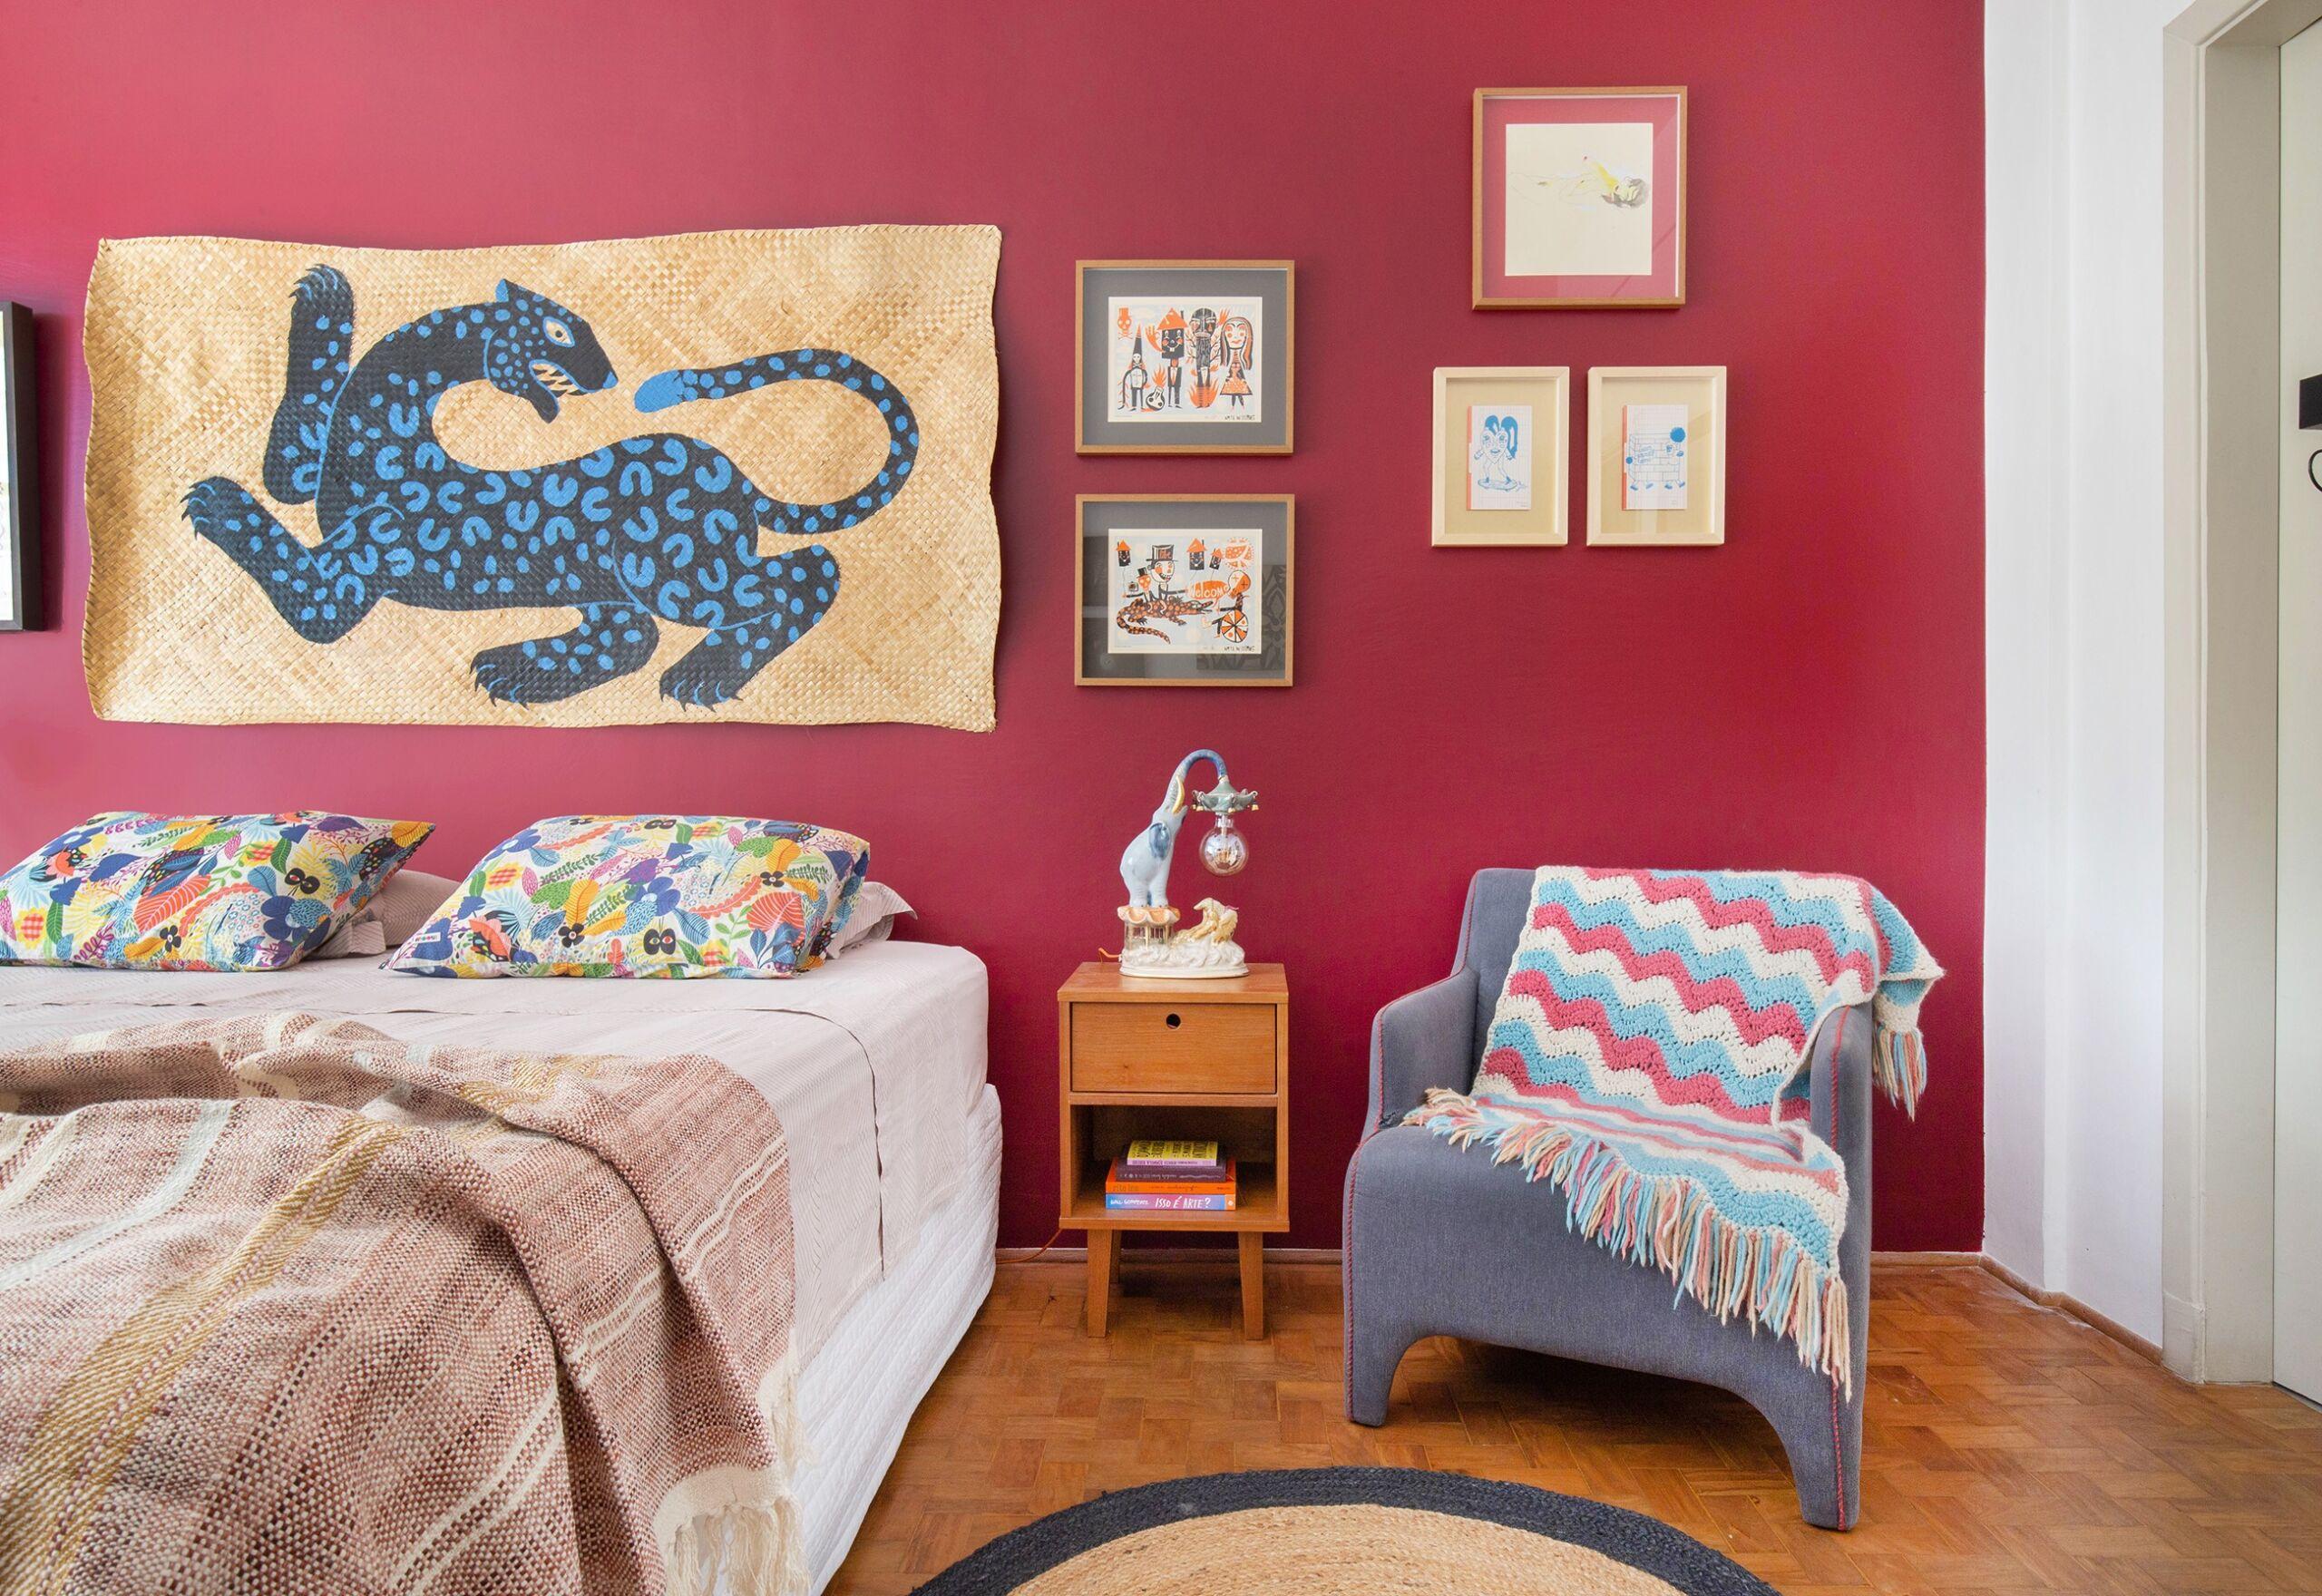 quarto com parede colorida e arte em palha